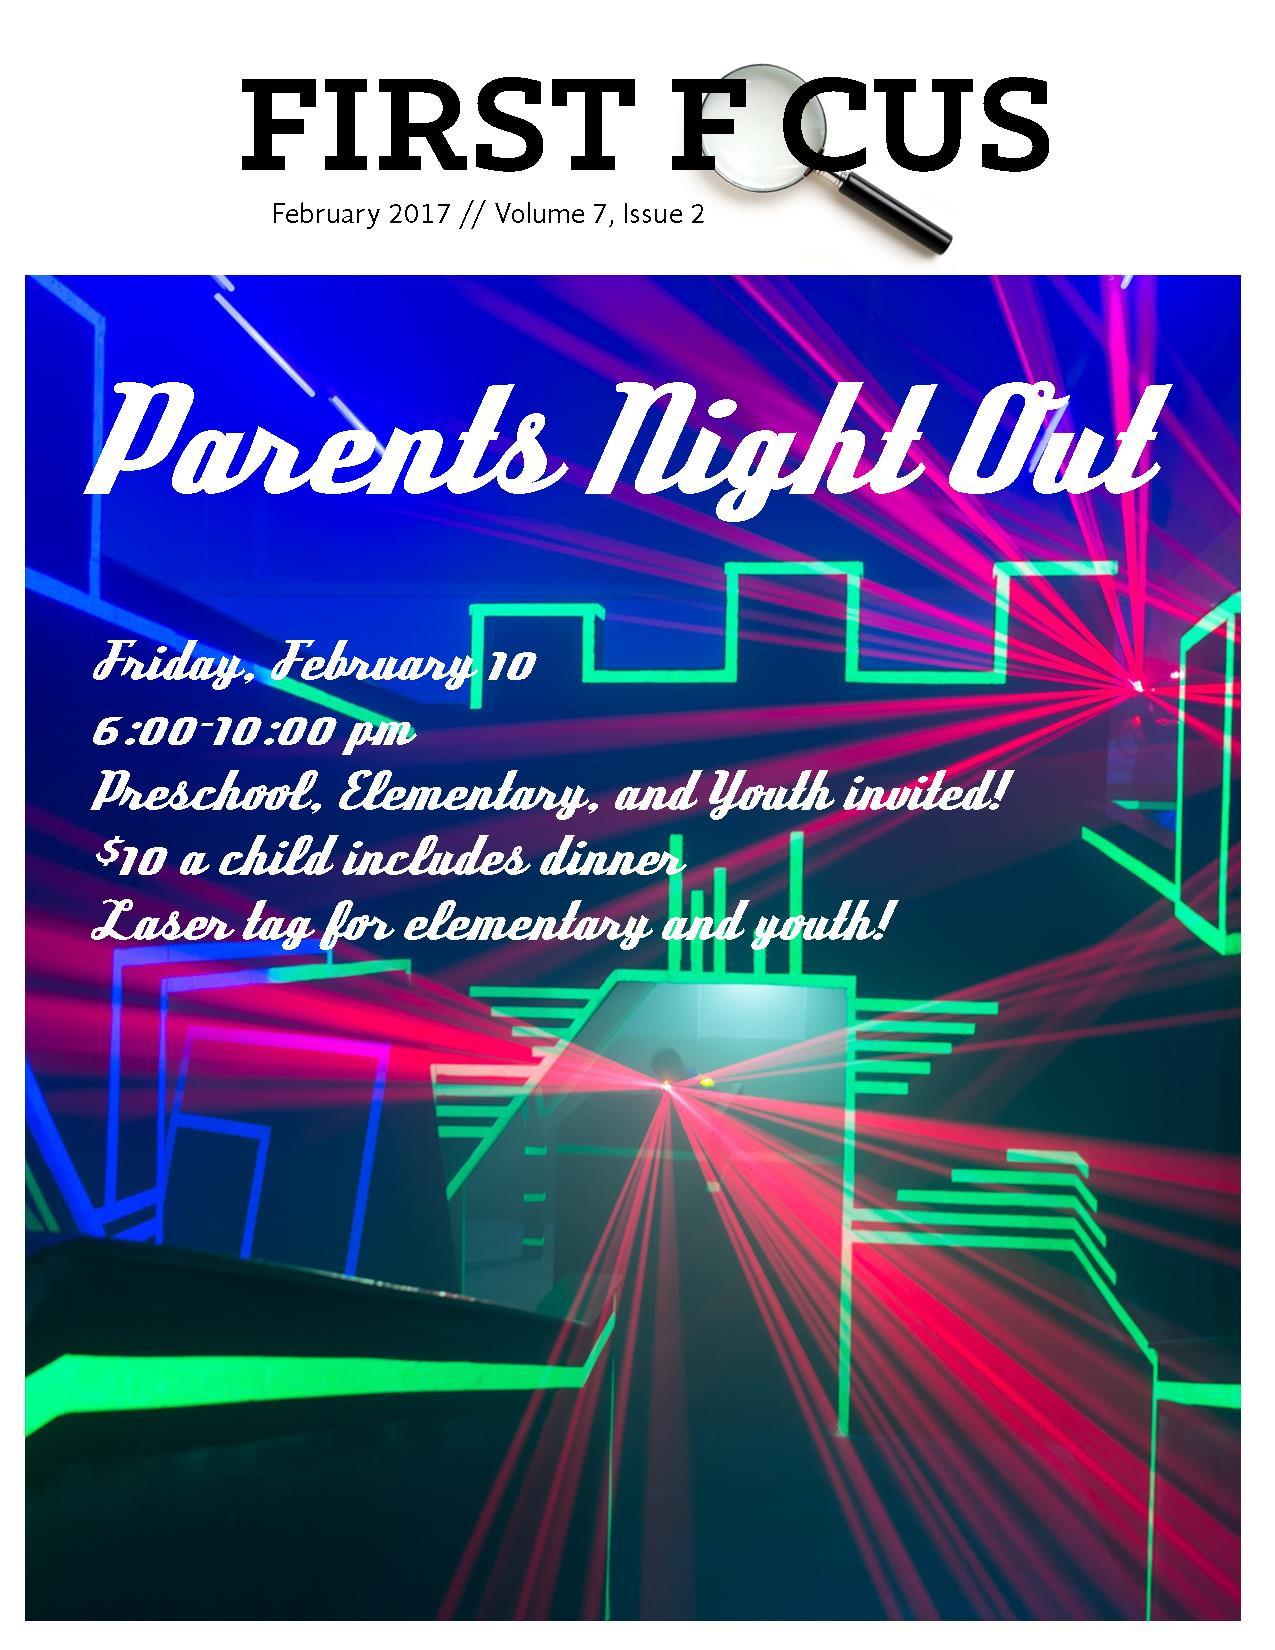 February 2017 Newsletter